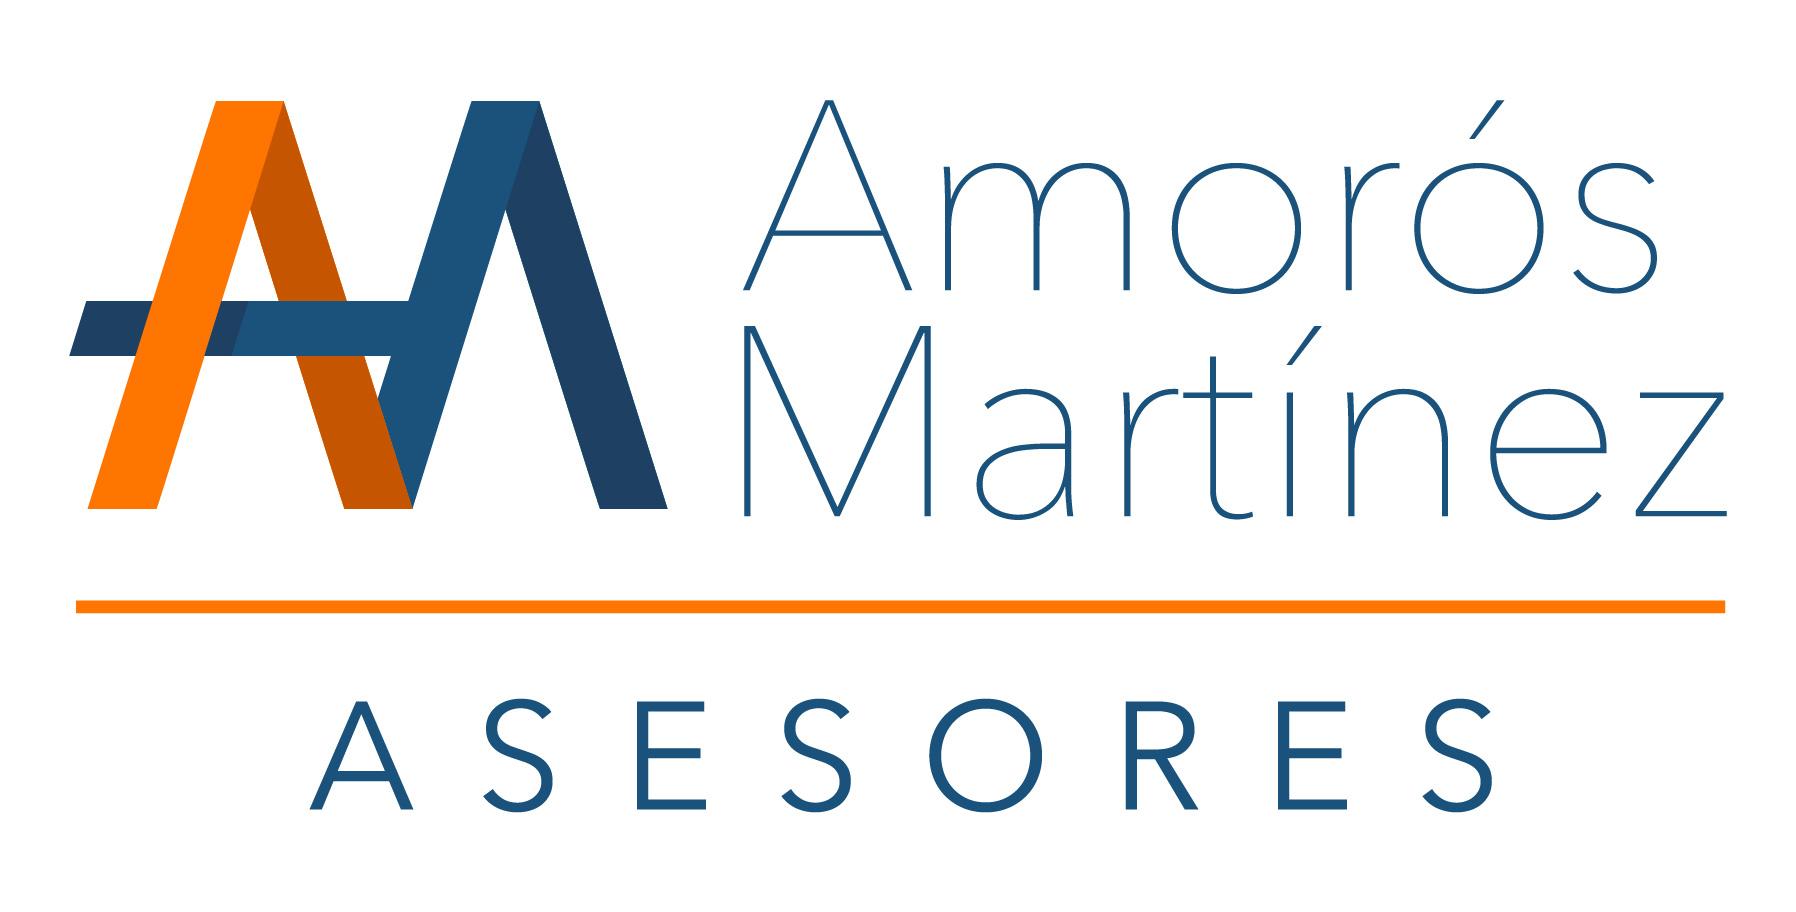 Amorós Martínez Asesores